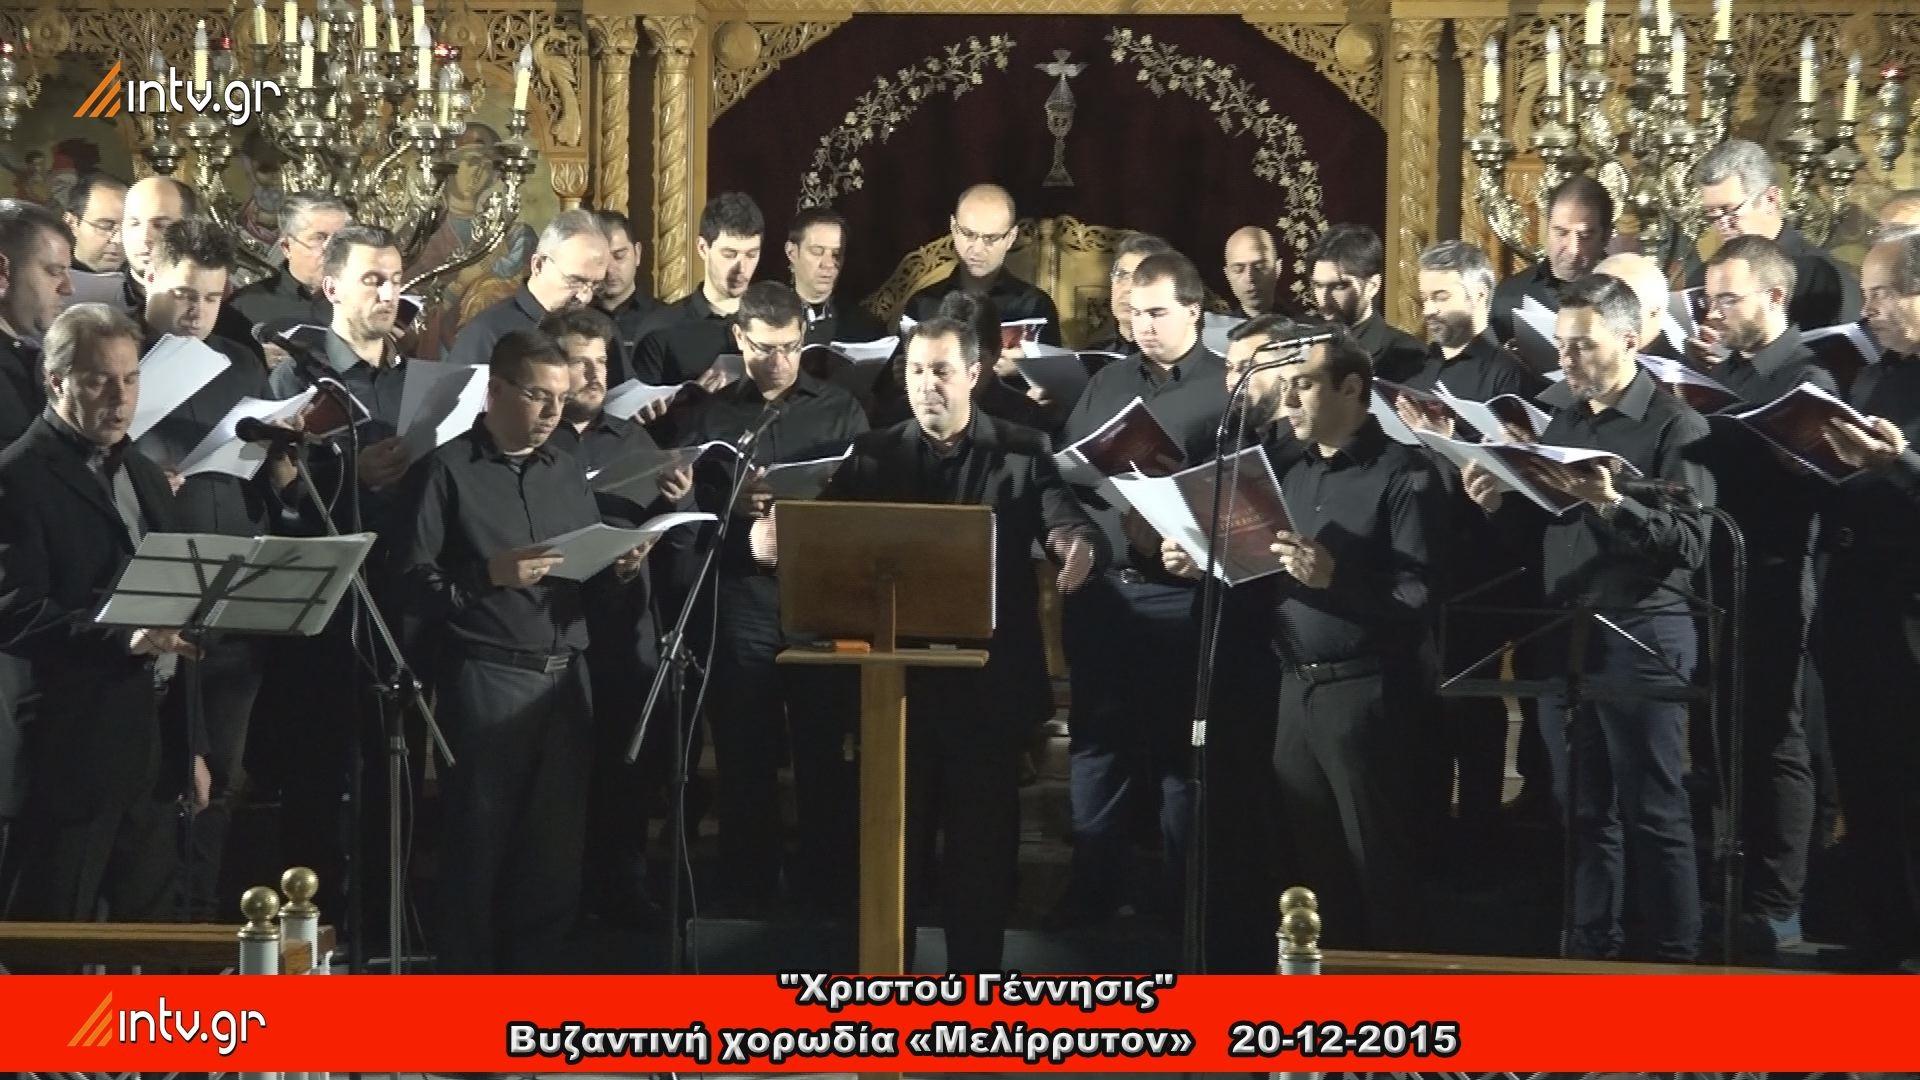 """""""ΧΡΙΣΤΟΥ ΓΕΝΝΗΣΙΣ"""" - Ύμνοι Δωδεκαημέρου - Βυζαντινή χορωδία «Μελίρρυτον» - Πολυφωνική χορωδία ο """"Ο Άγιος Αλέξανδρος"""""""